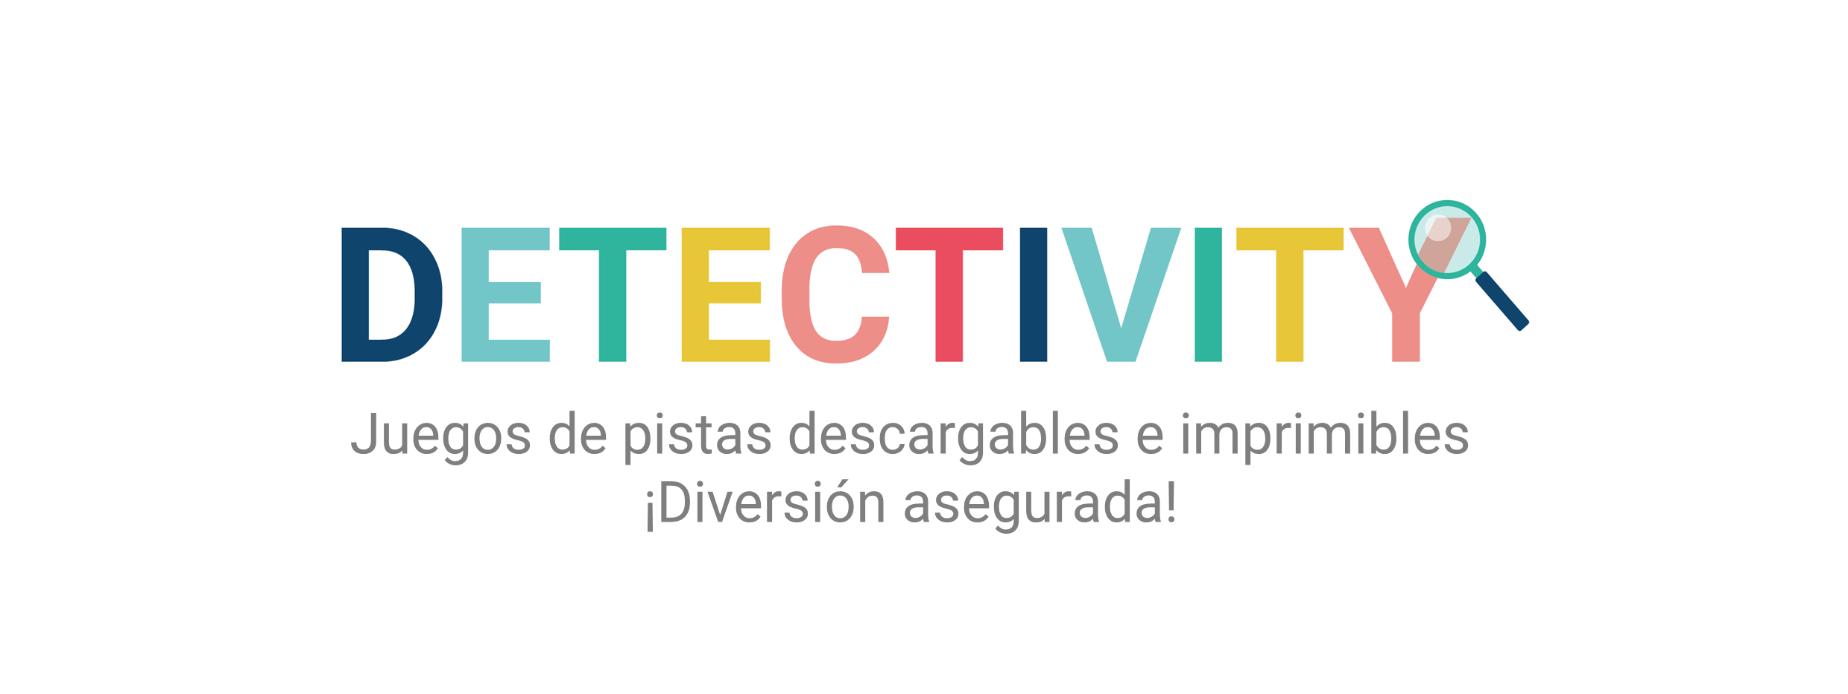 Detectivity: Un sueño hecho realidad